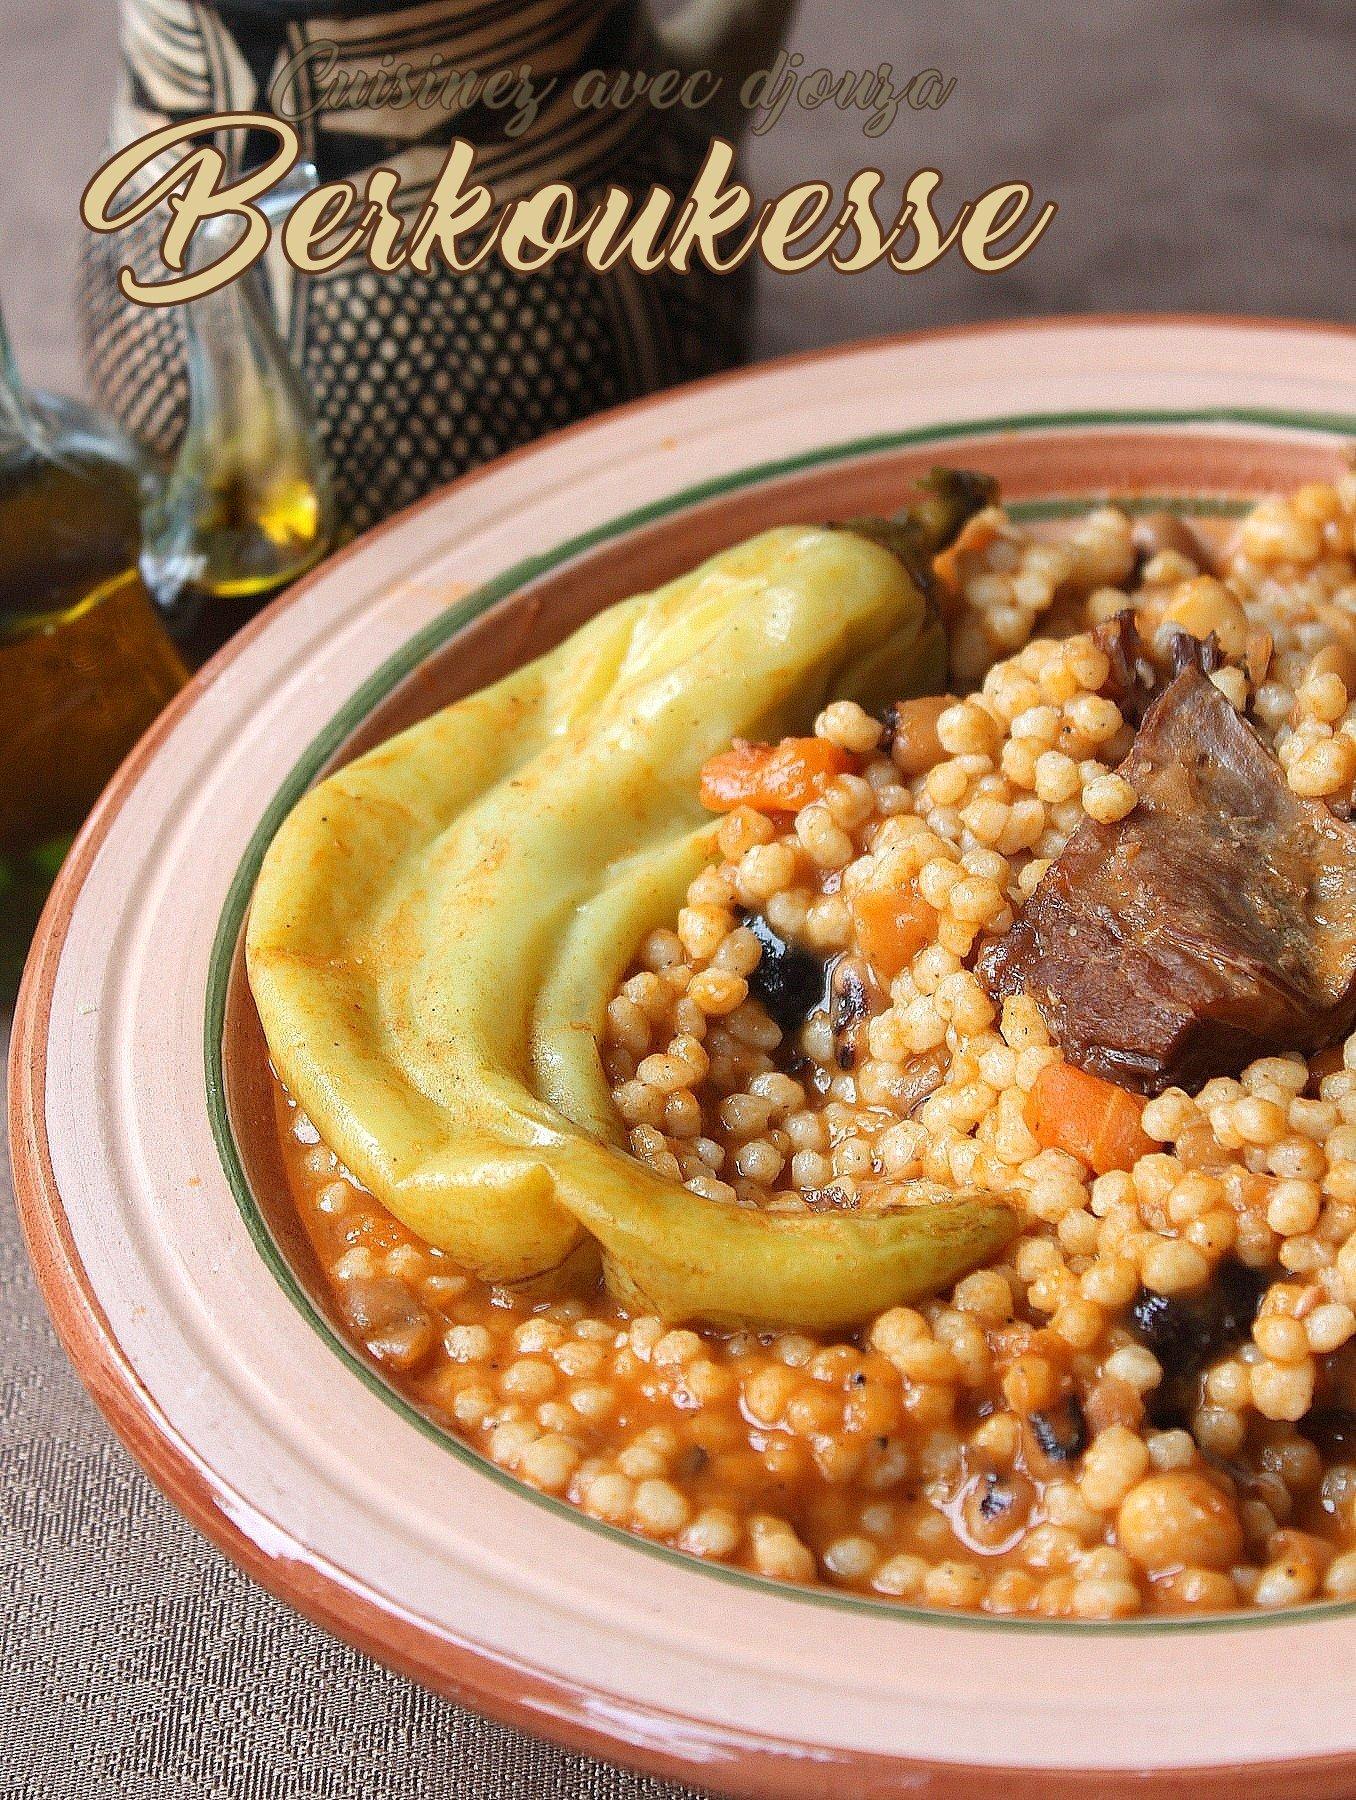 Berkoukes algerien recettes faciles recettes rapides de djouza - Recette de cuisine algerienne facile ...